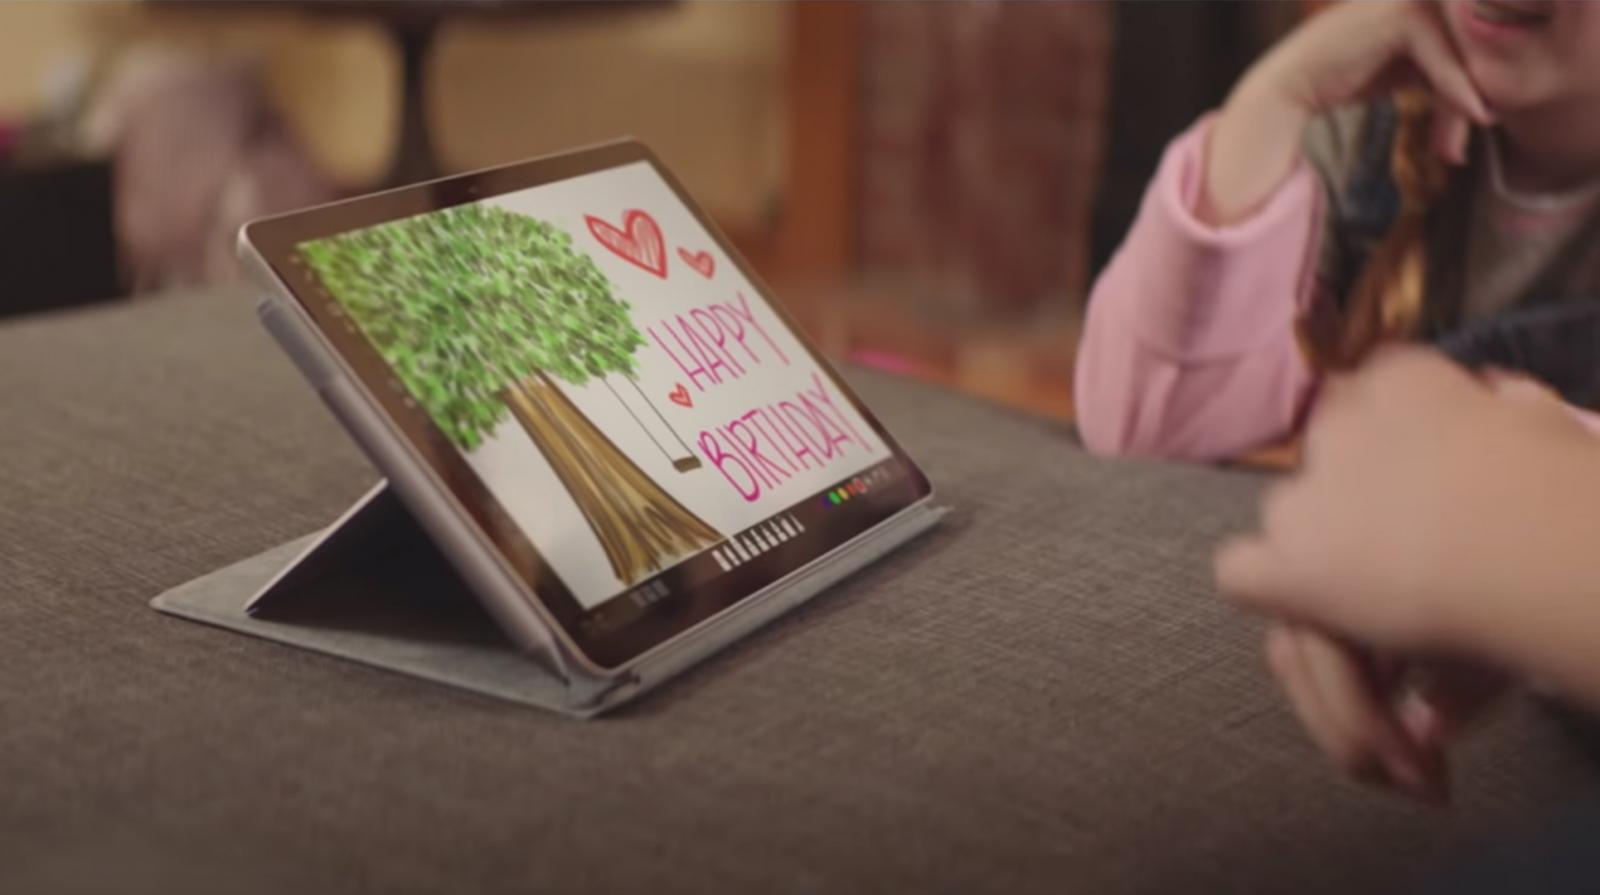 """ร.ร.มัธยมชิบูย่า เตรียมแจกแท็บเล็ต """"Surface Go 2""""  ให้นร.ใช้-นำกลับบ้านได้"""